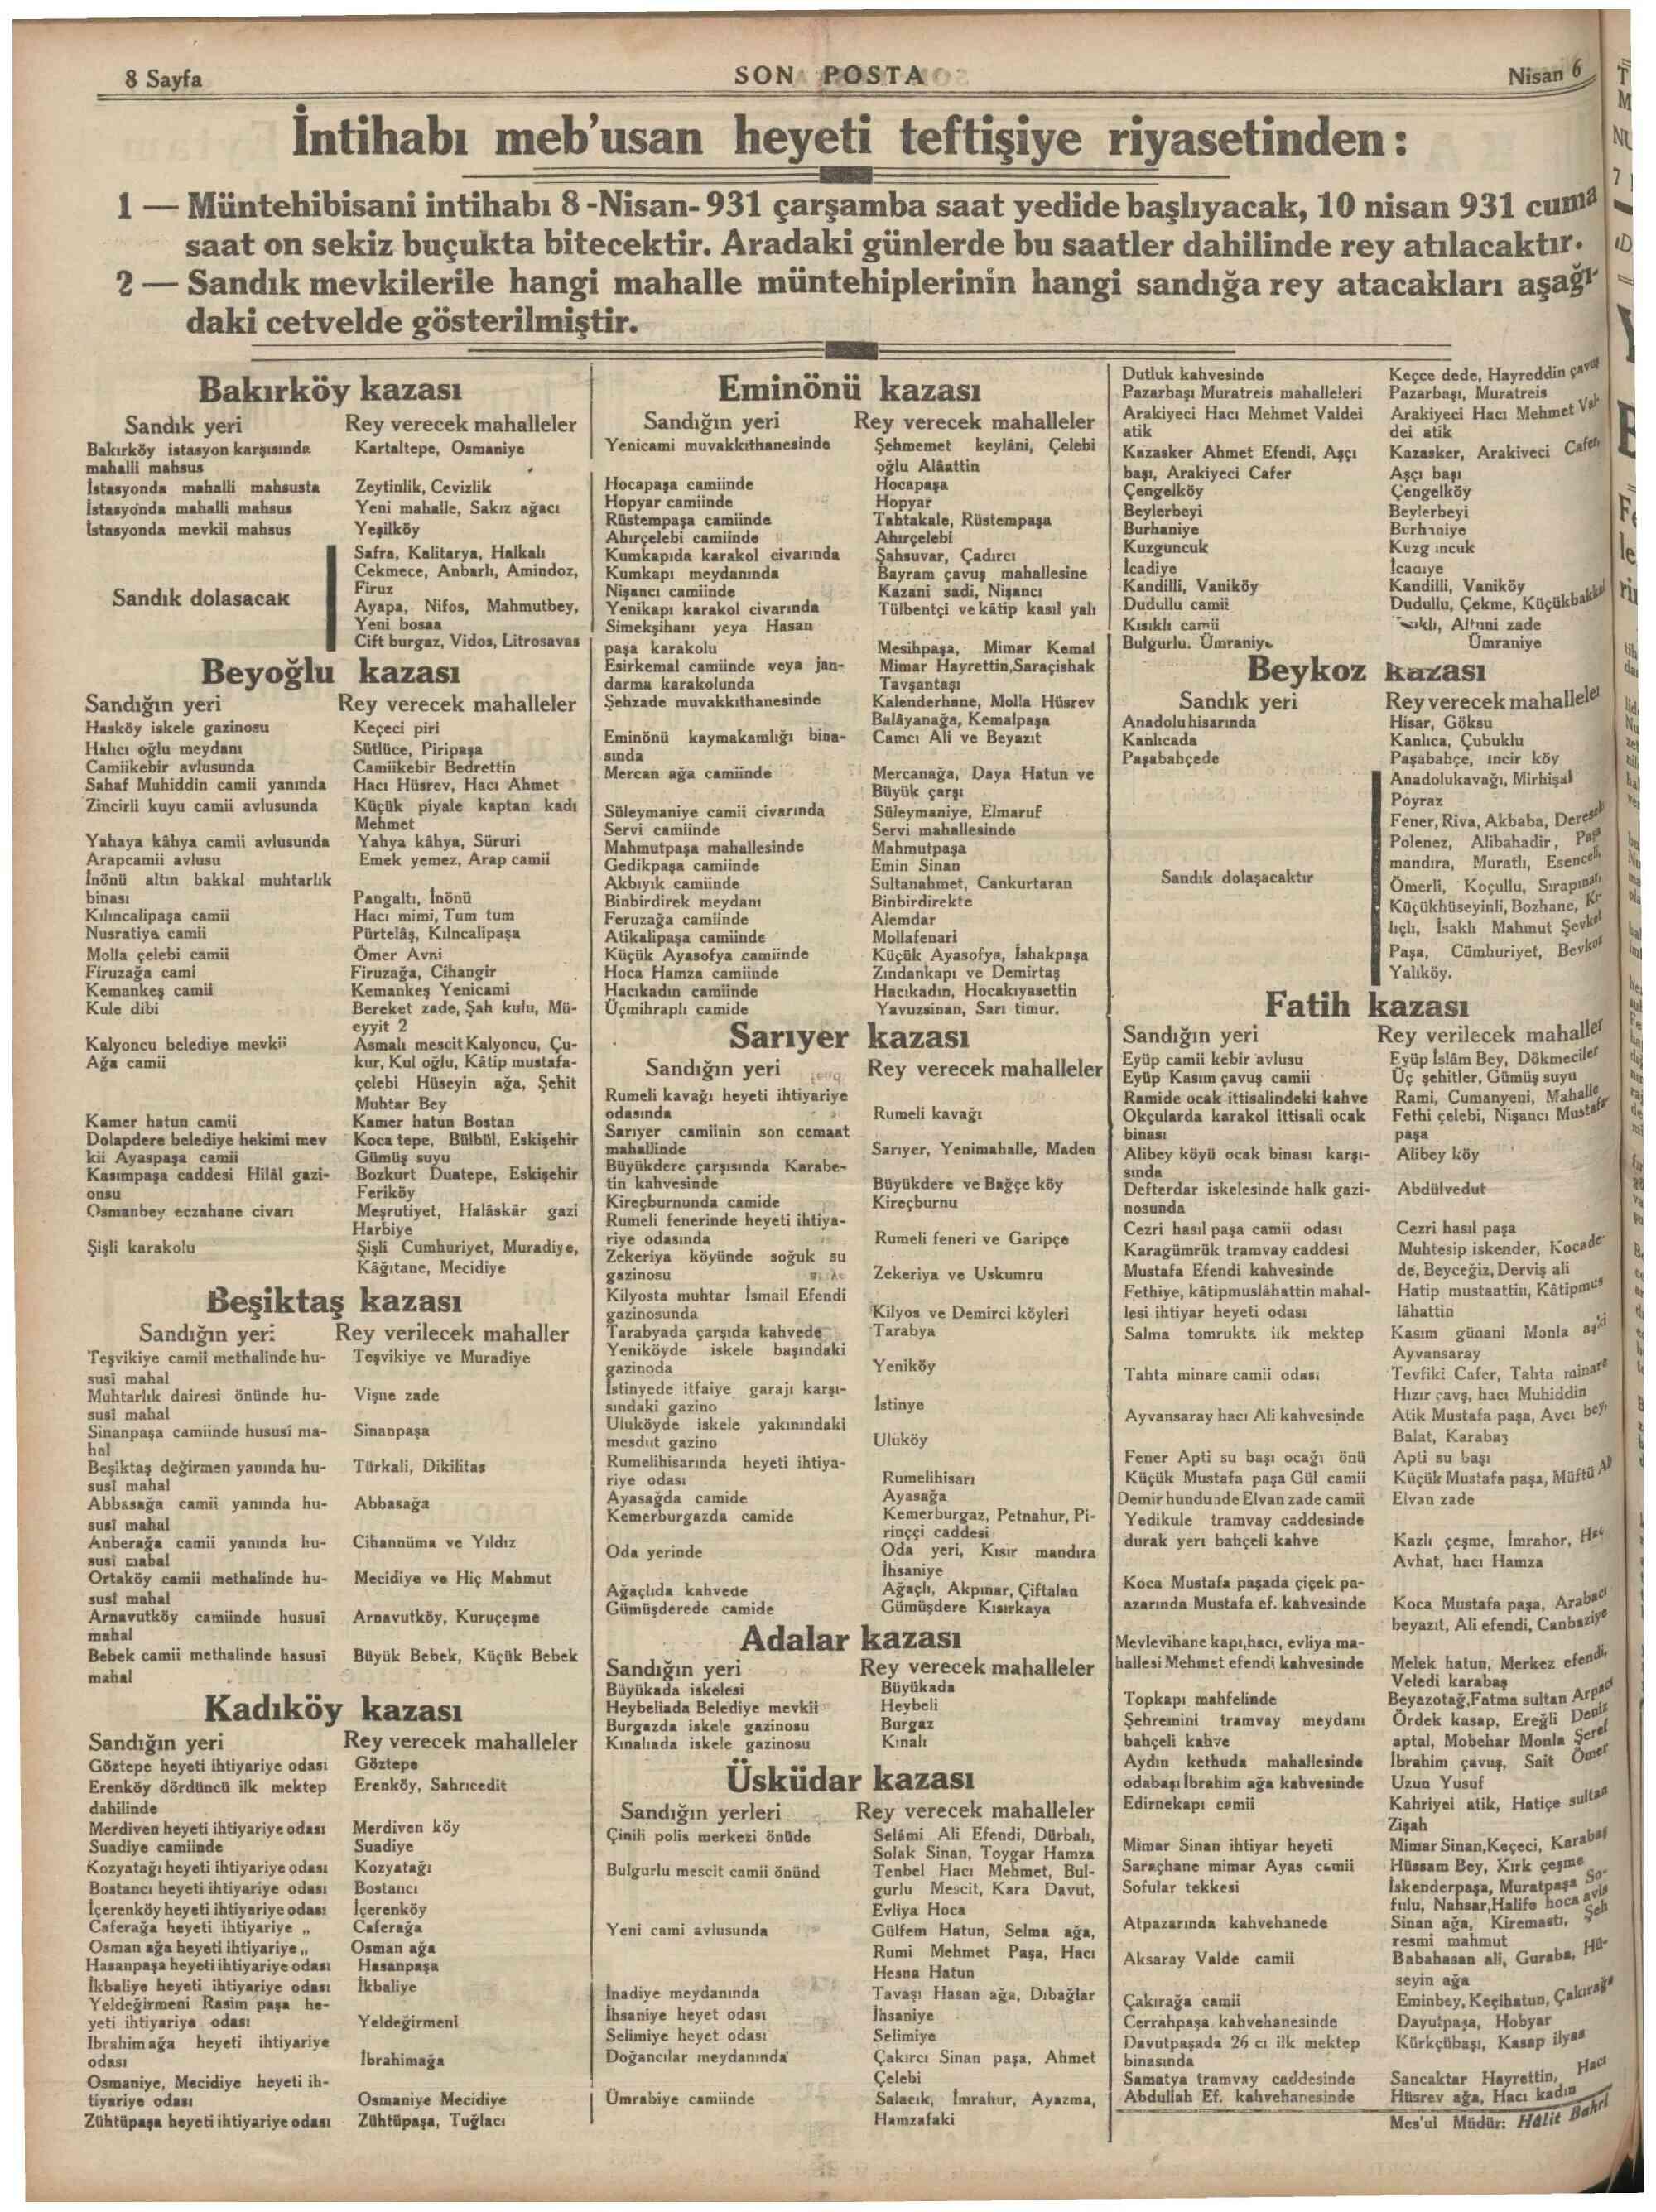 6 Nisan 1931 Tarihli Son Posta Dergisi Sayfa 8